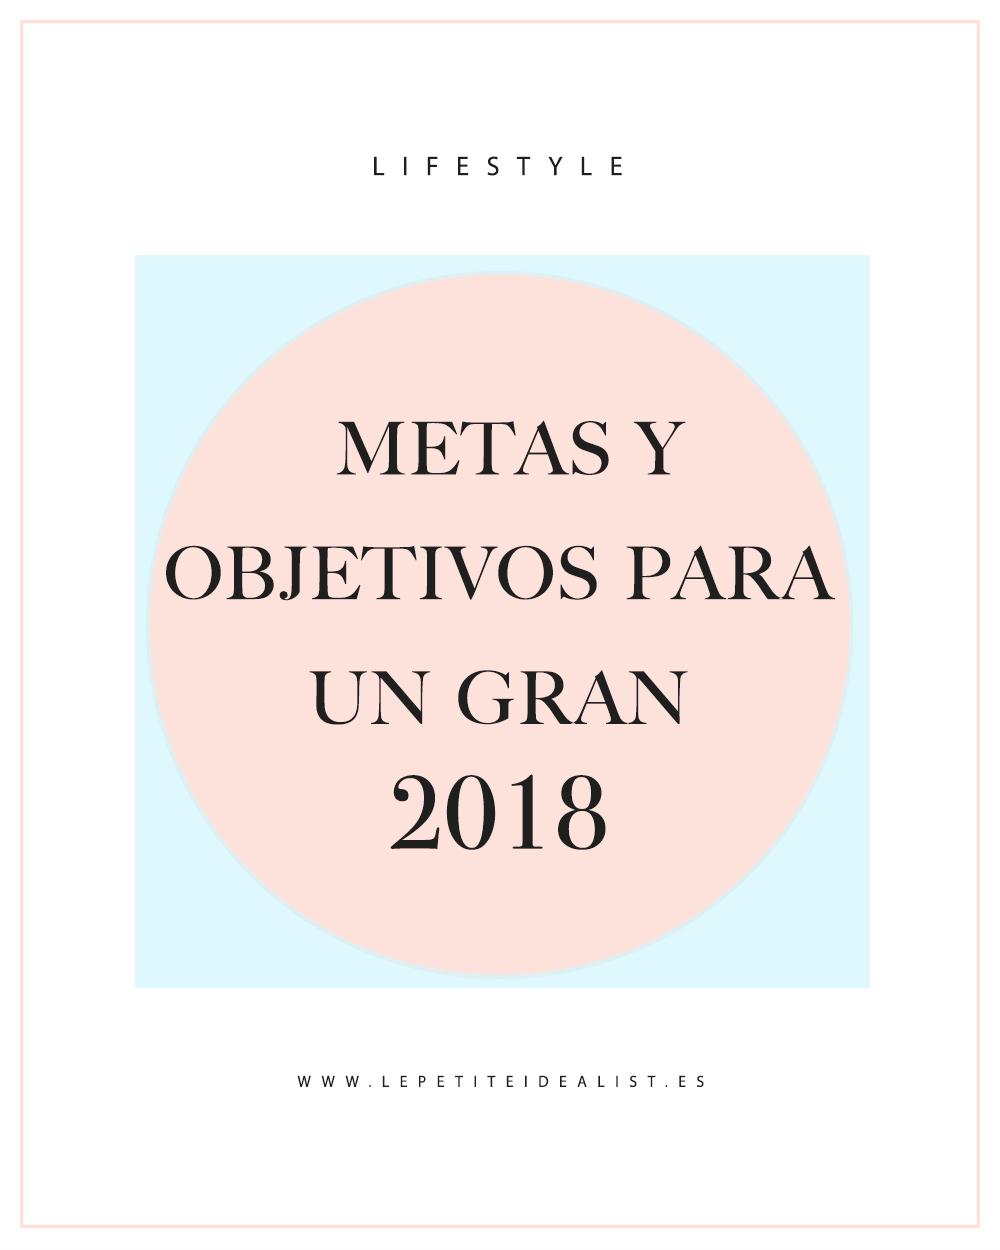 metas y objetivos 2018